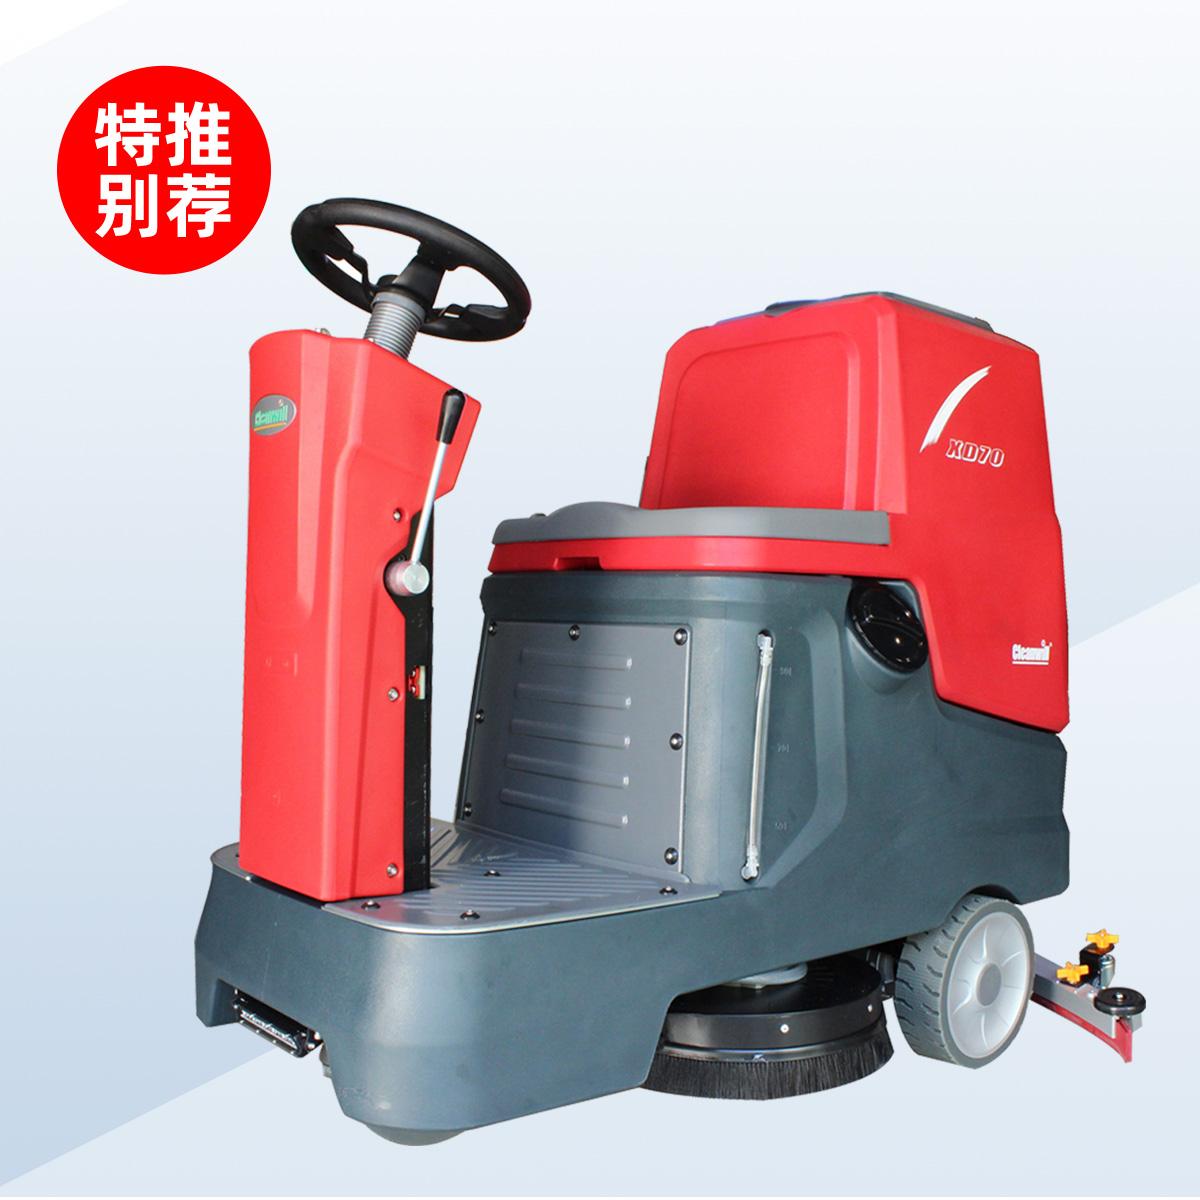 克力威XD70双刷洗地机